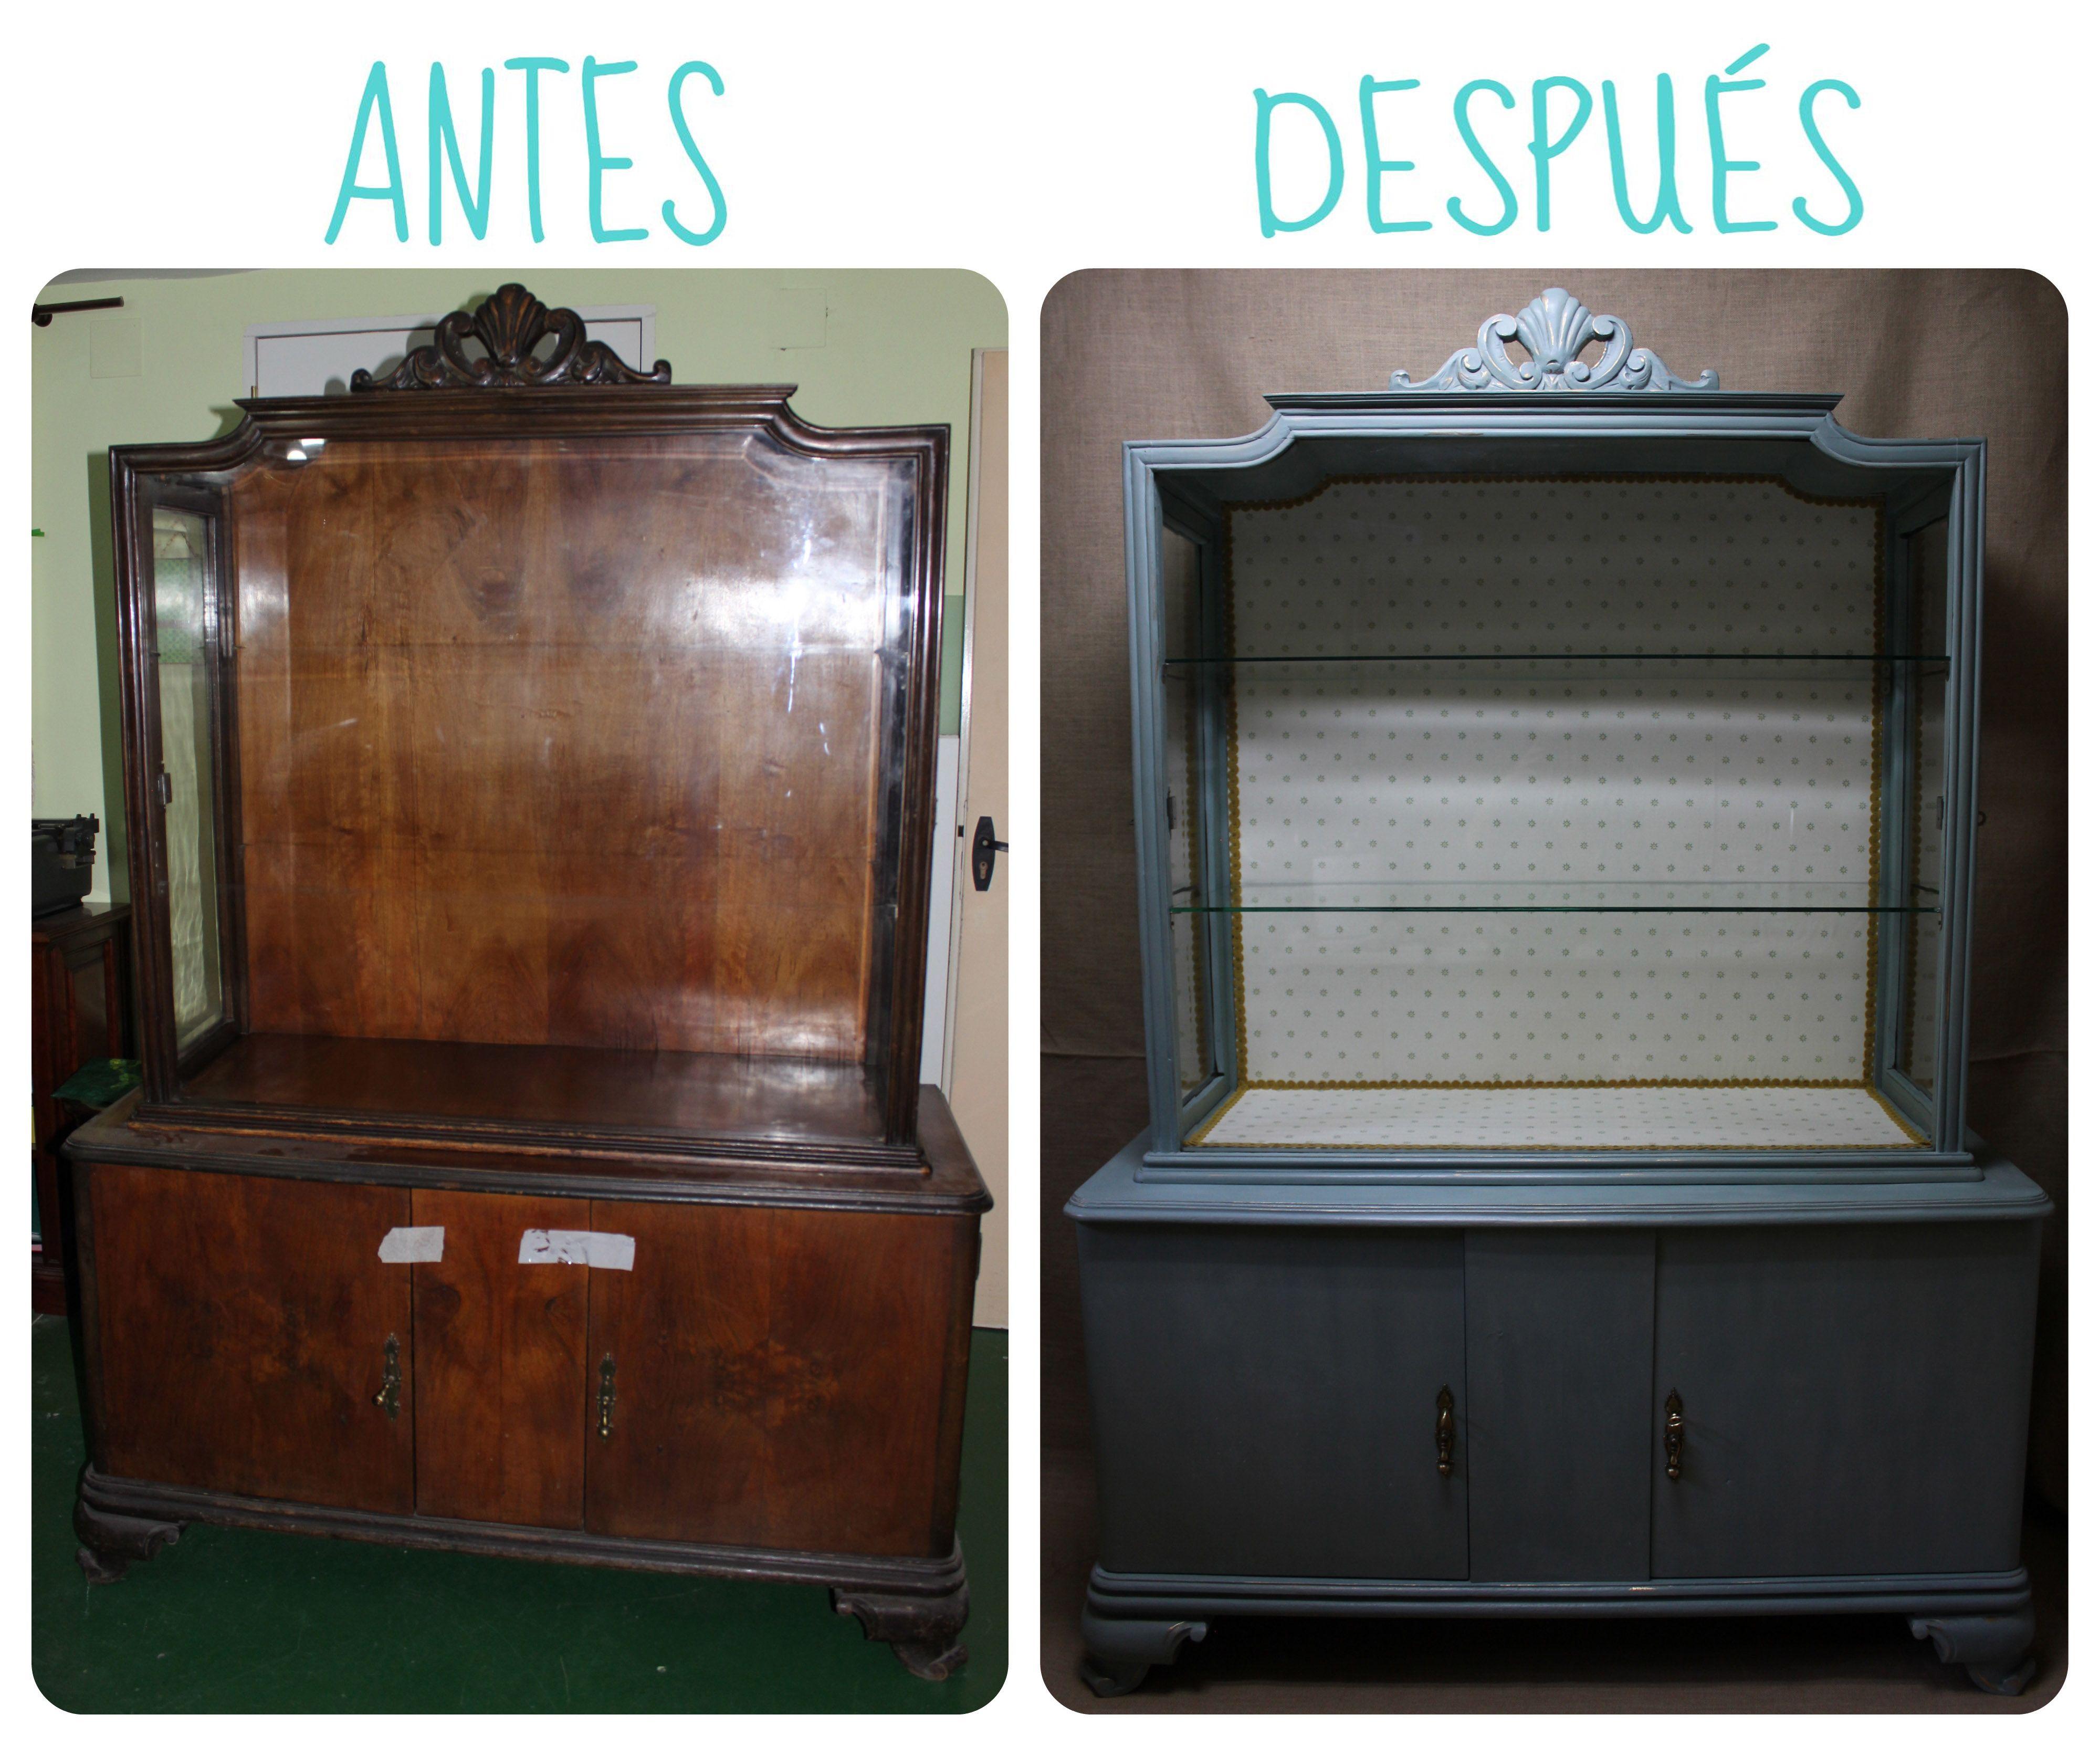 Antes Y Despu S De Esta Vitrina Restaurada Por El Rinc N De Mi  # Muebles Reformados Antes Y Despues